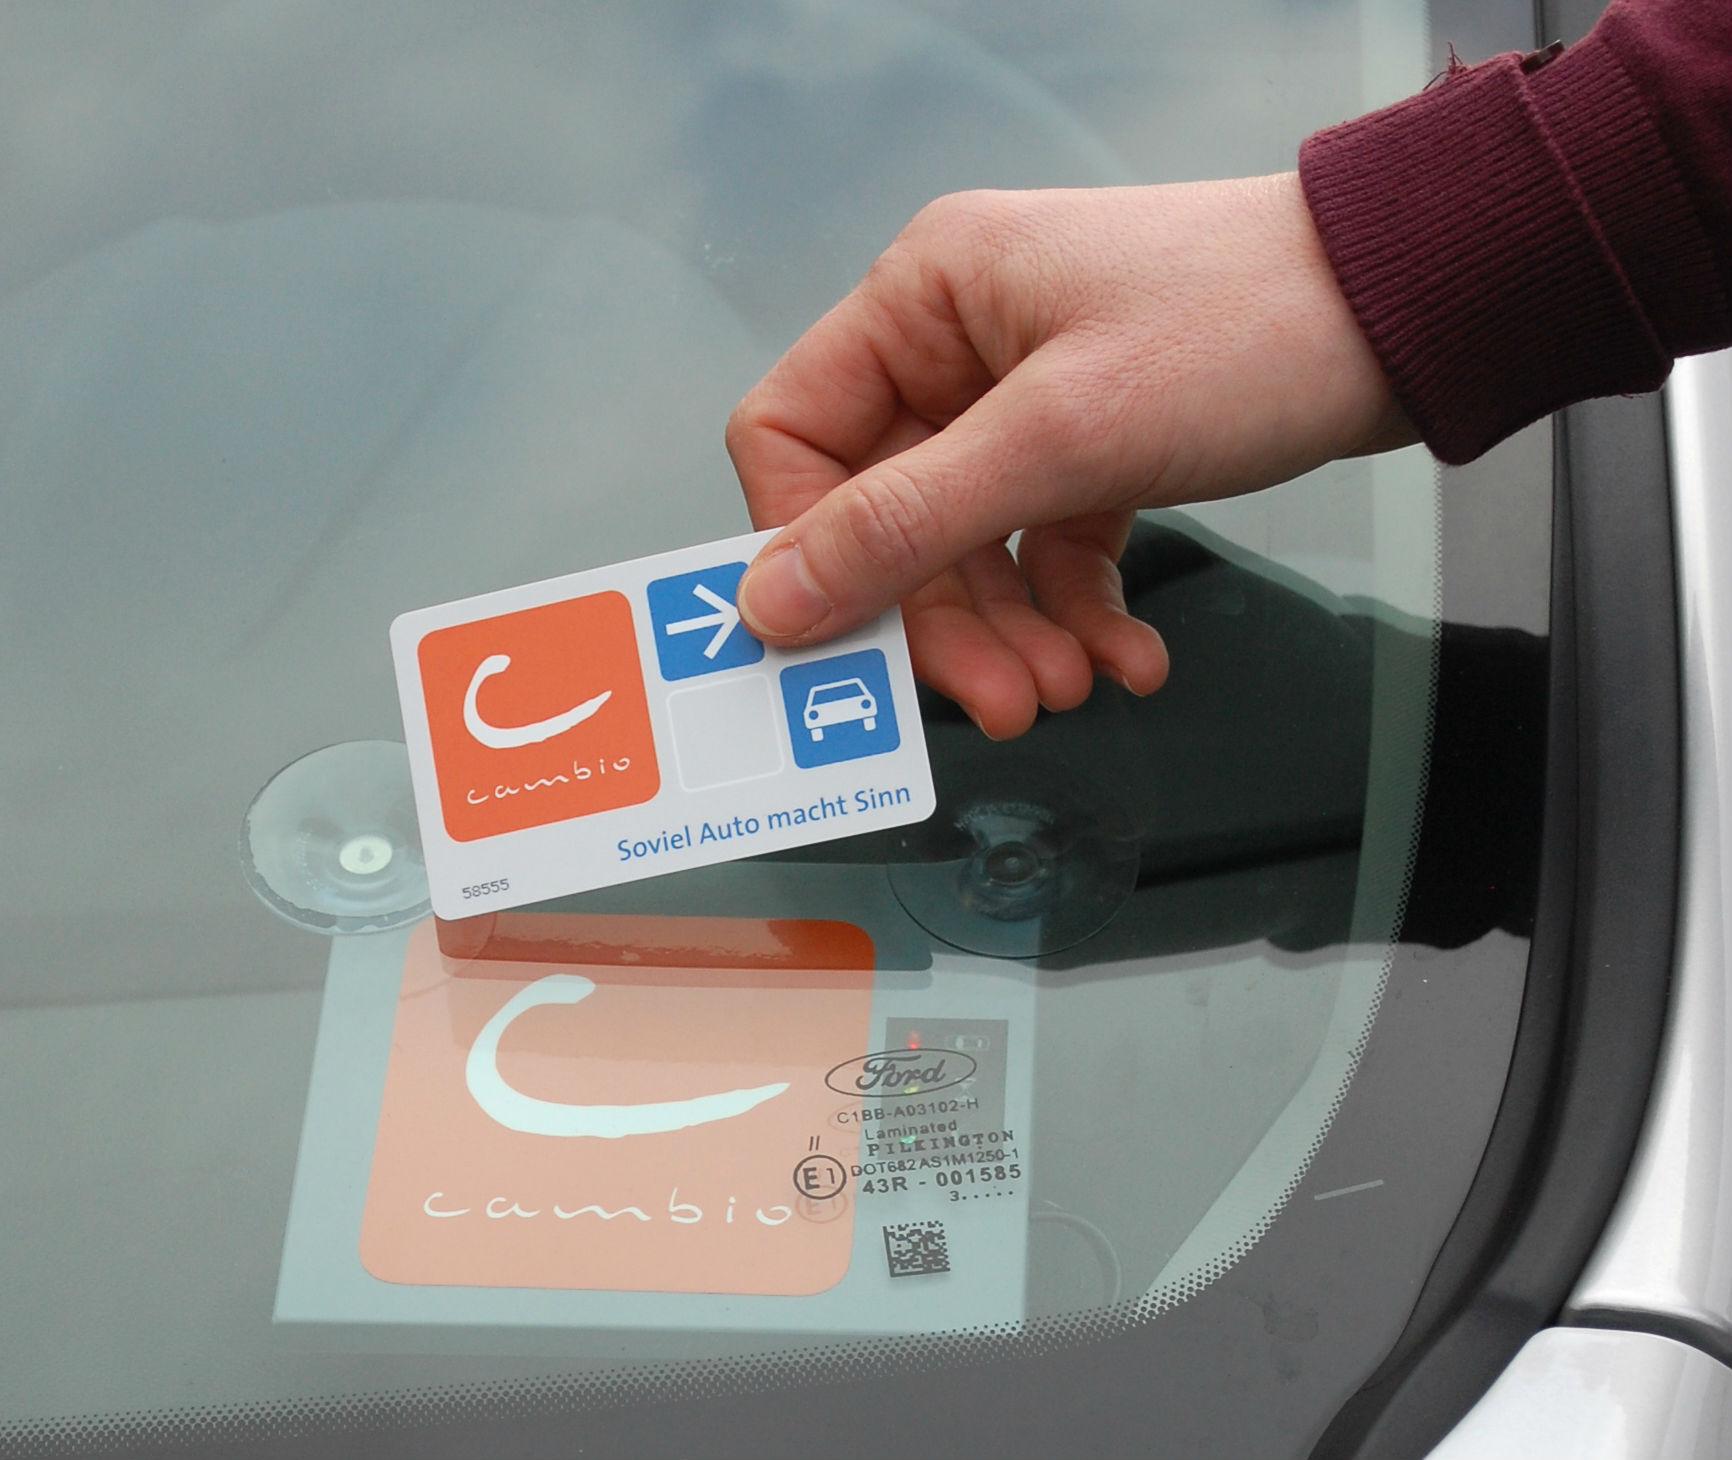 Fahrzeuge mit Bordcomputer werden mit der Cambio-Card geöffnet